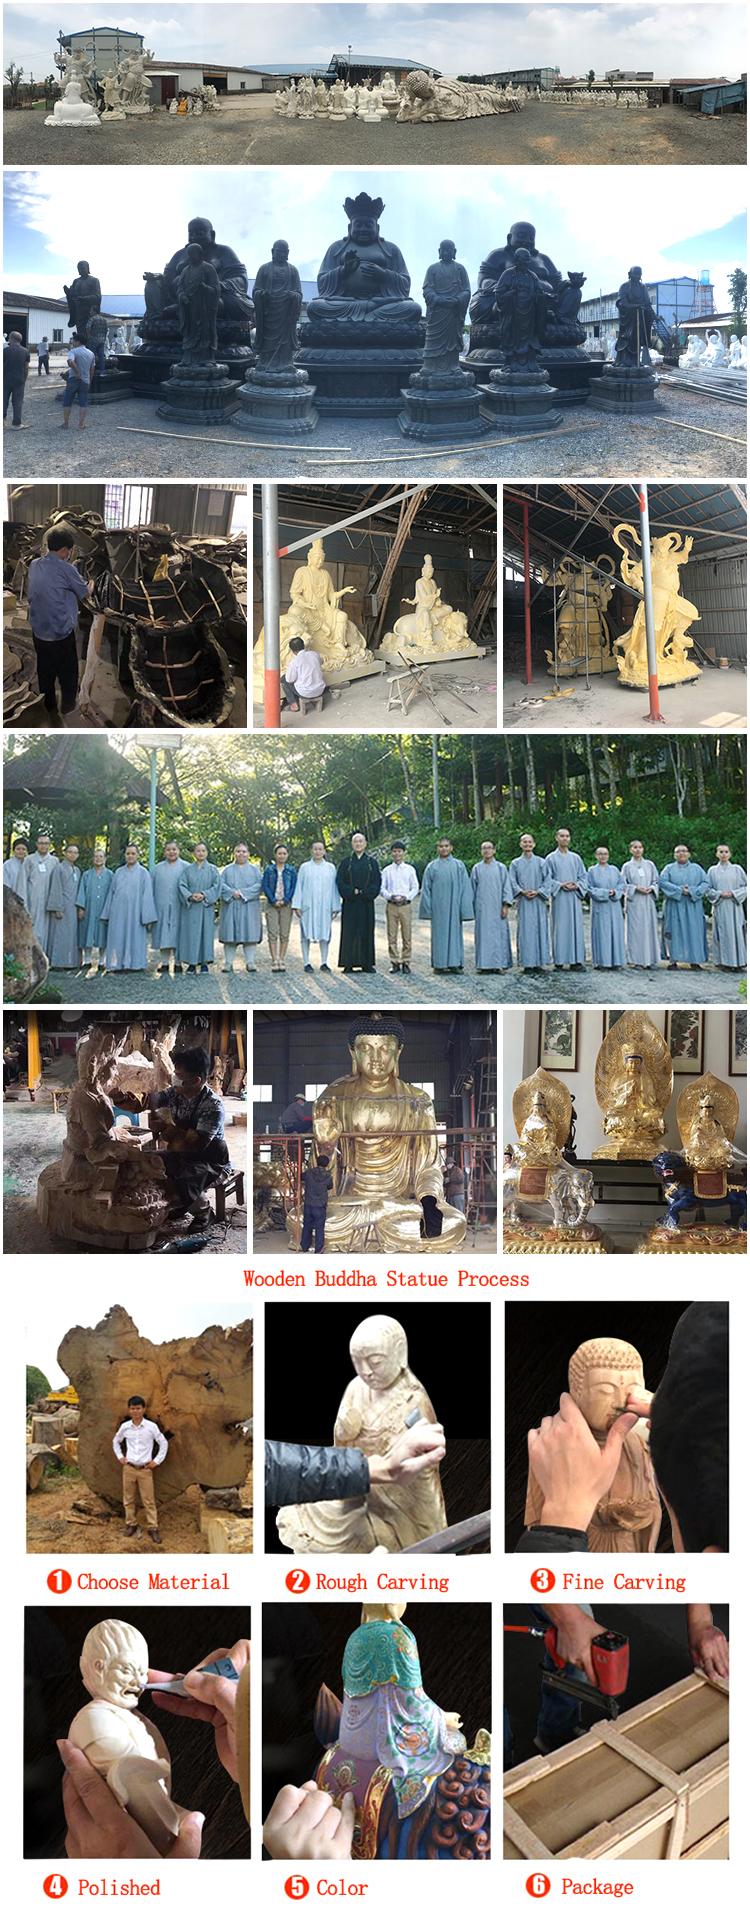 Wooden Buddha Statue Process Main